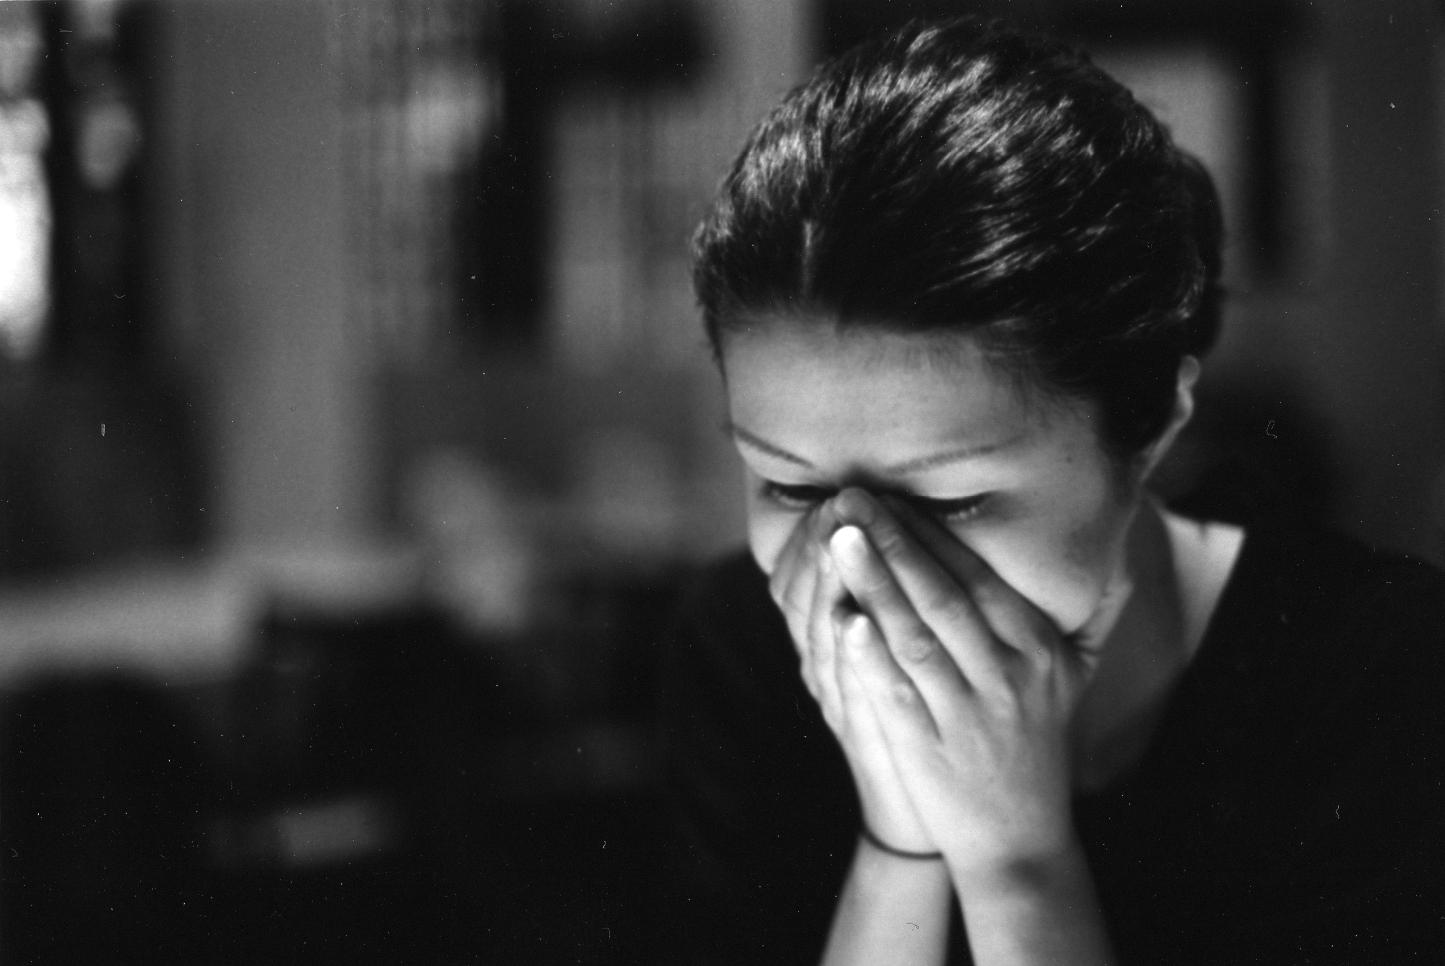 بالصور صور حزينه بنات , شاهد بالصور صدمات البنات العاطفية 418 3